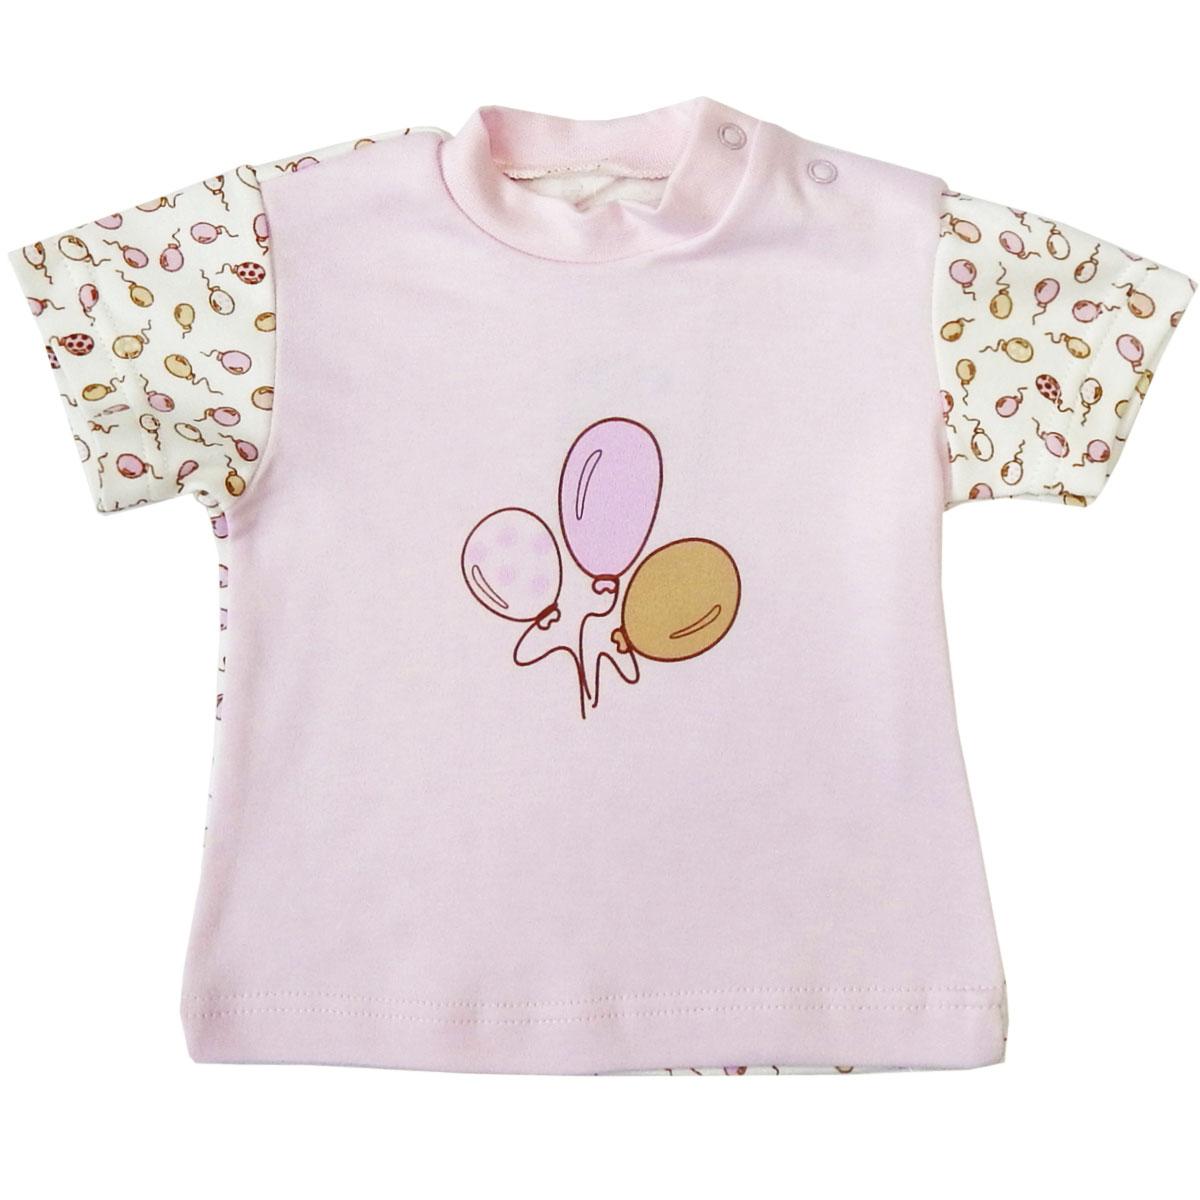 Купить Футболка детская Папитто Воздушные шарики роз/роз И470-37 р.68, Детские футболки, топы